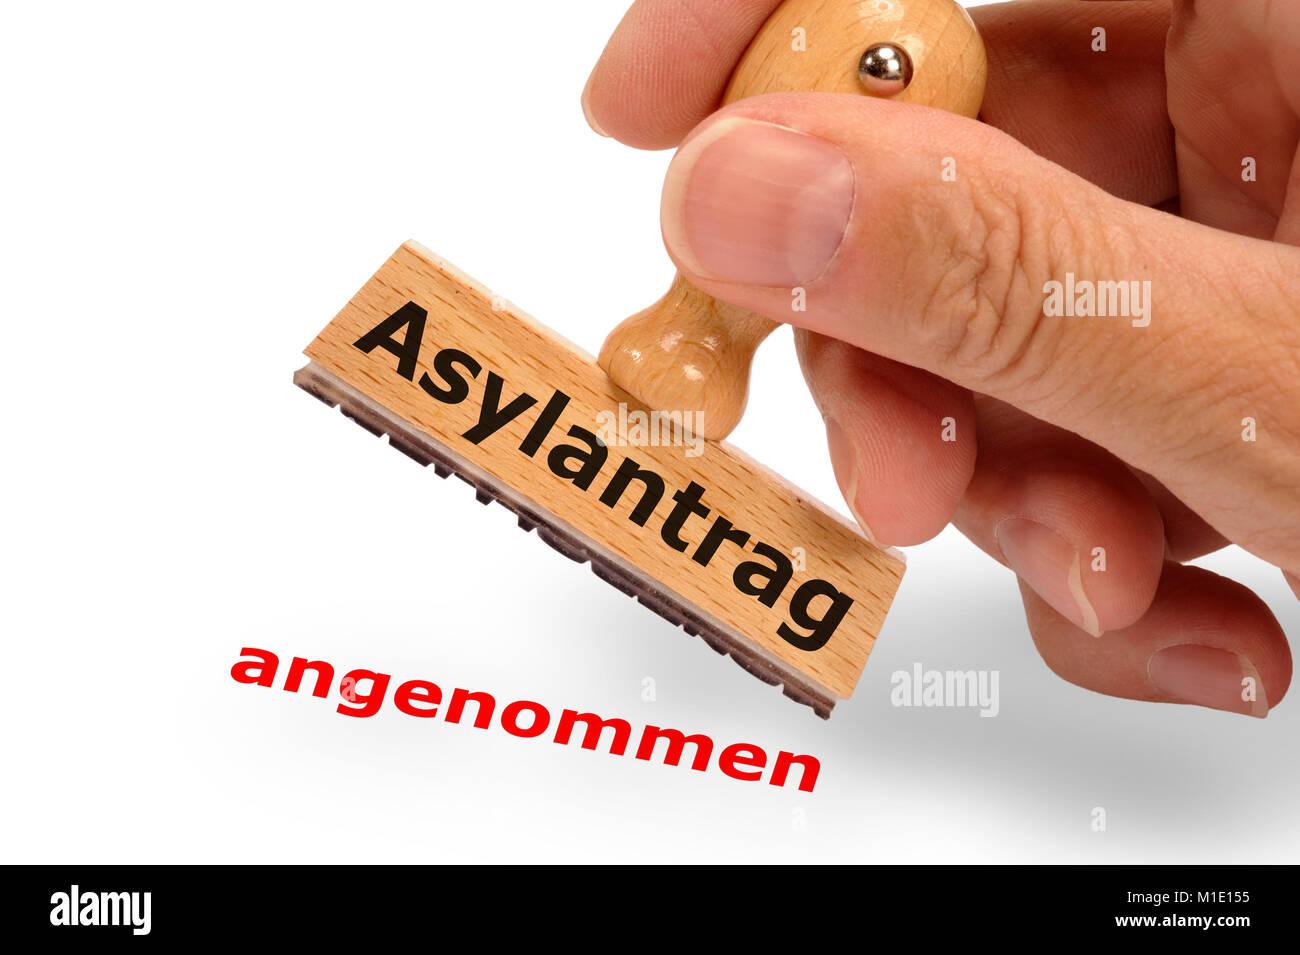 Asylantrag angenommen - markiert auf Holzstempel - Stock Image